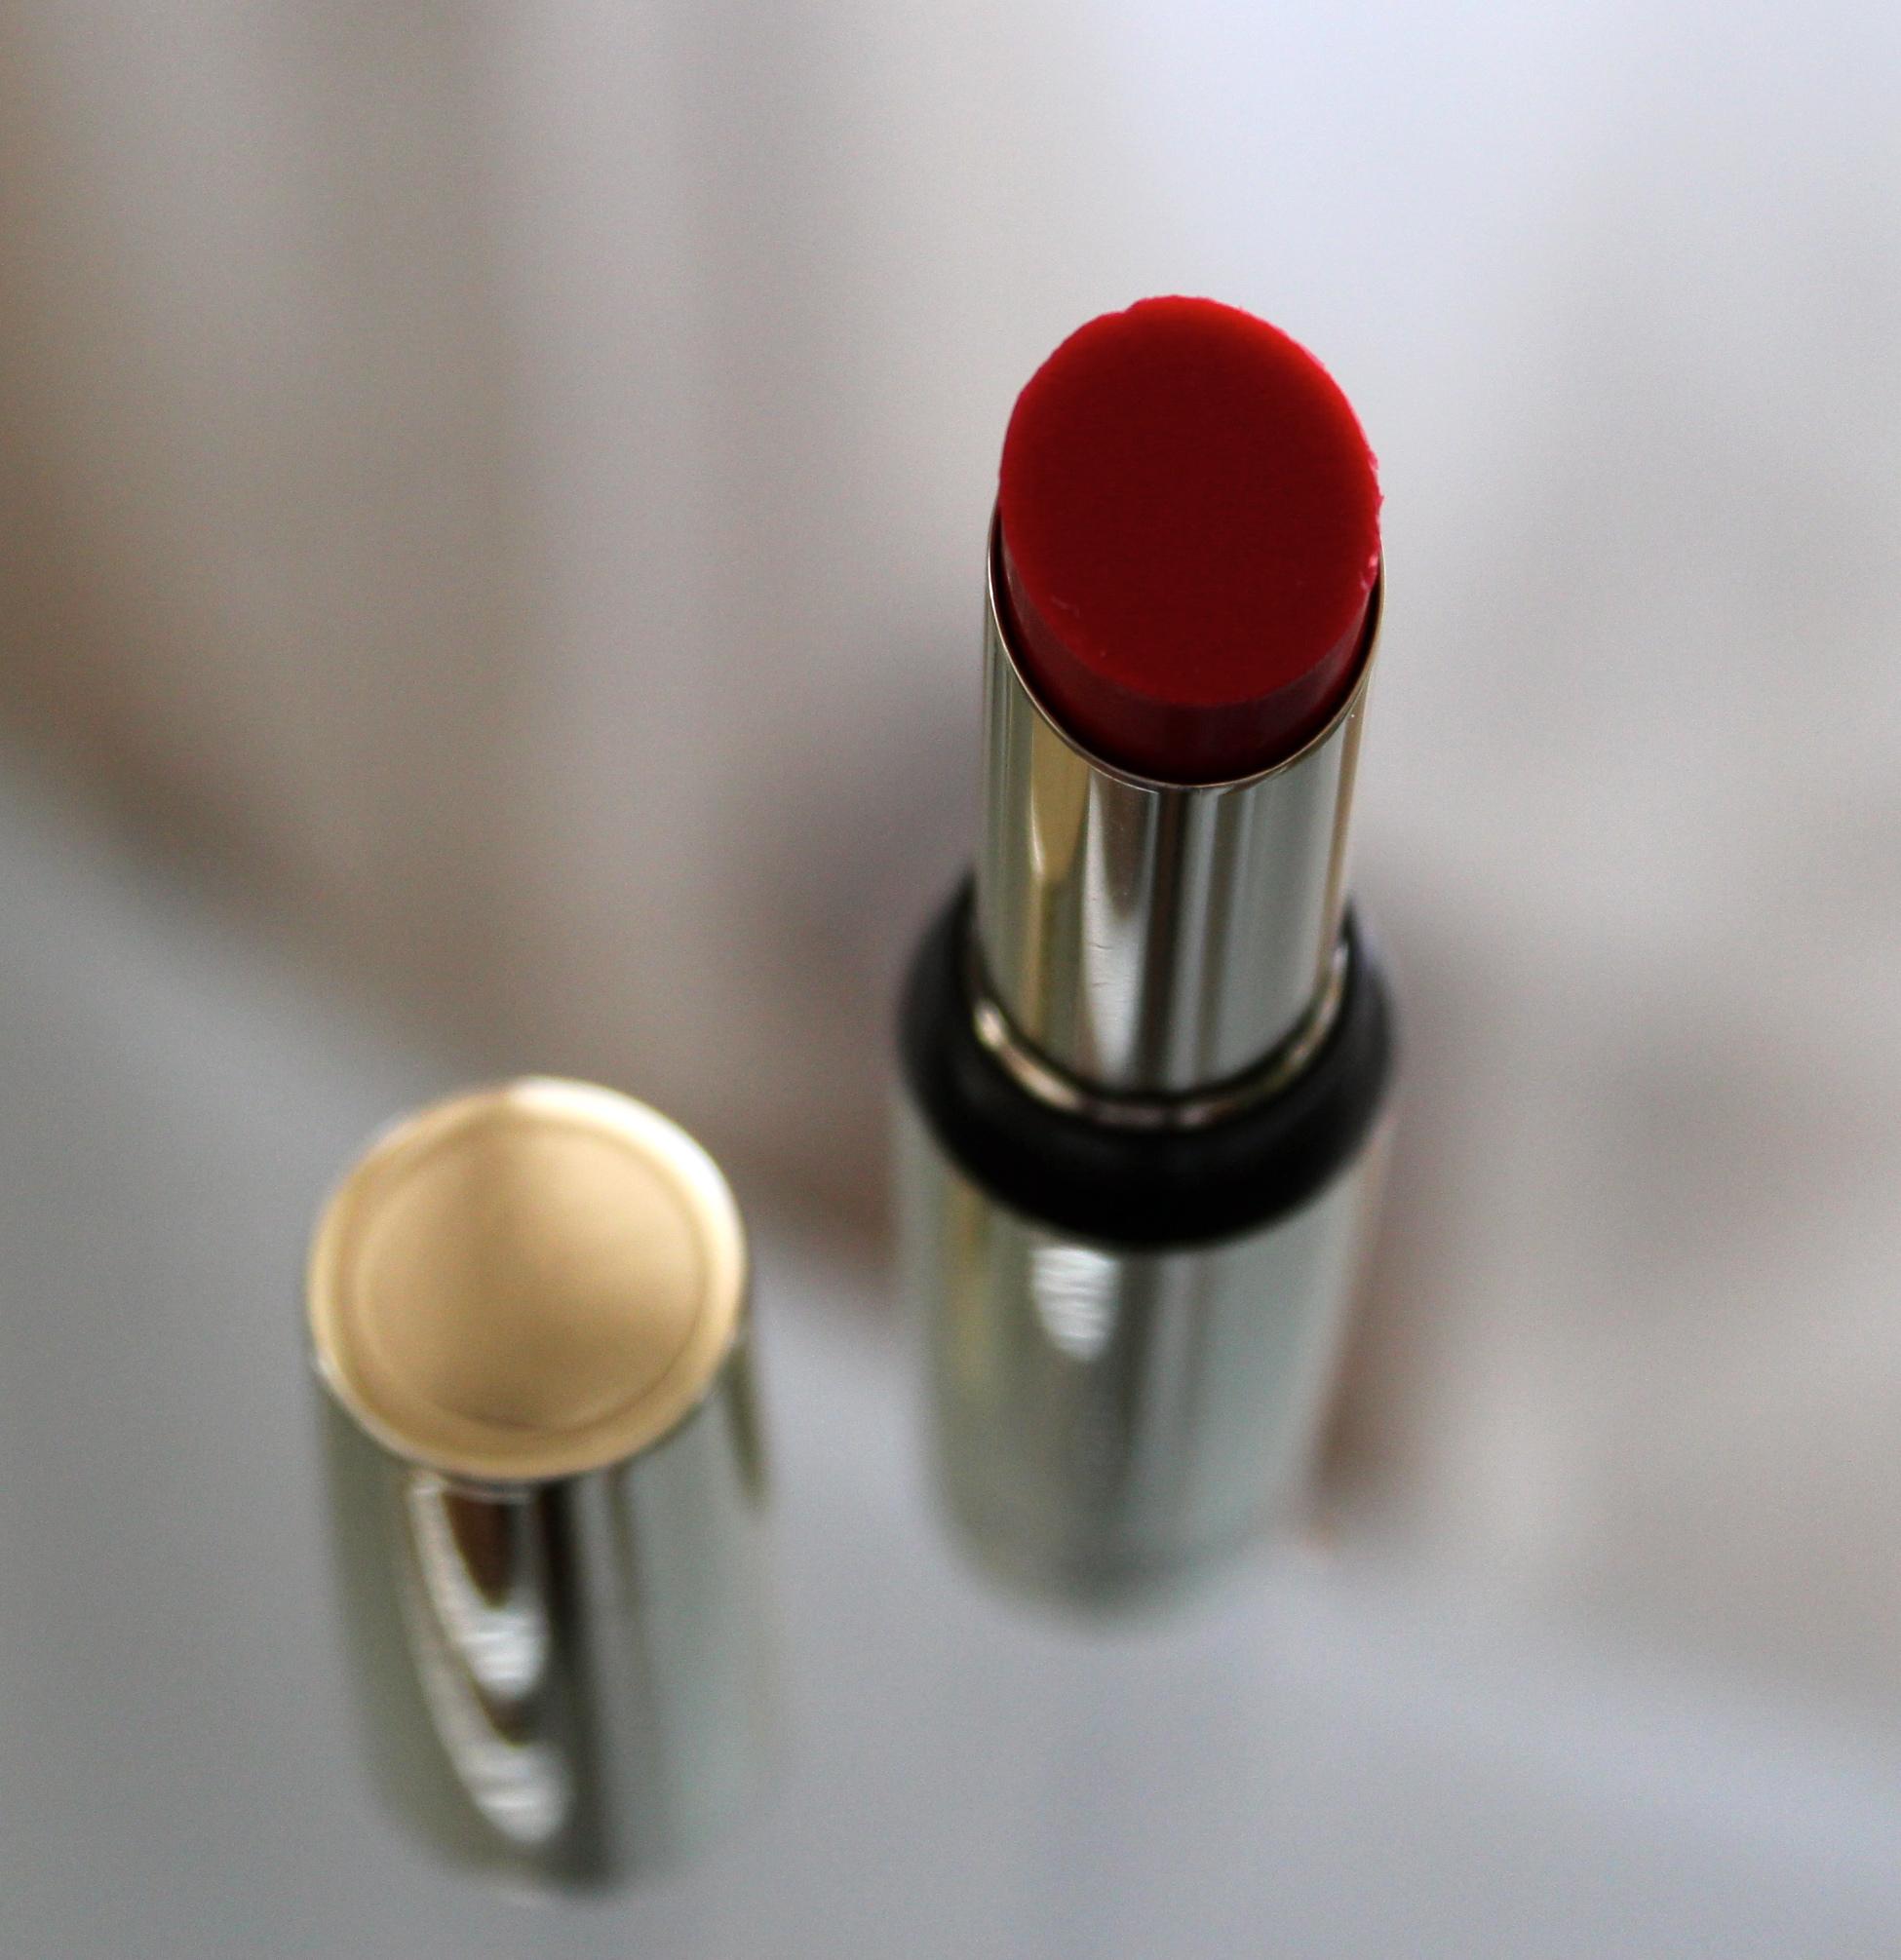 Rouge l vres kiko une parenth se mode - Rouge comme une pivoine ...